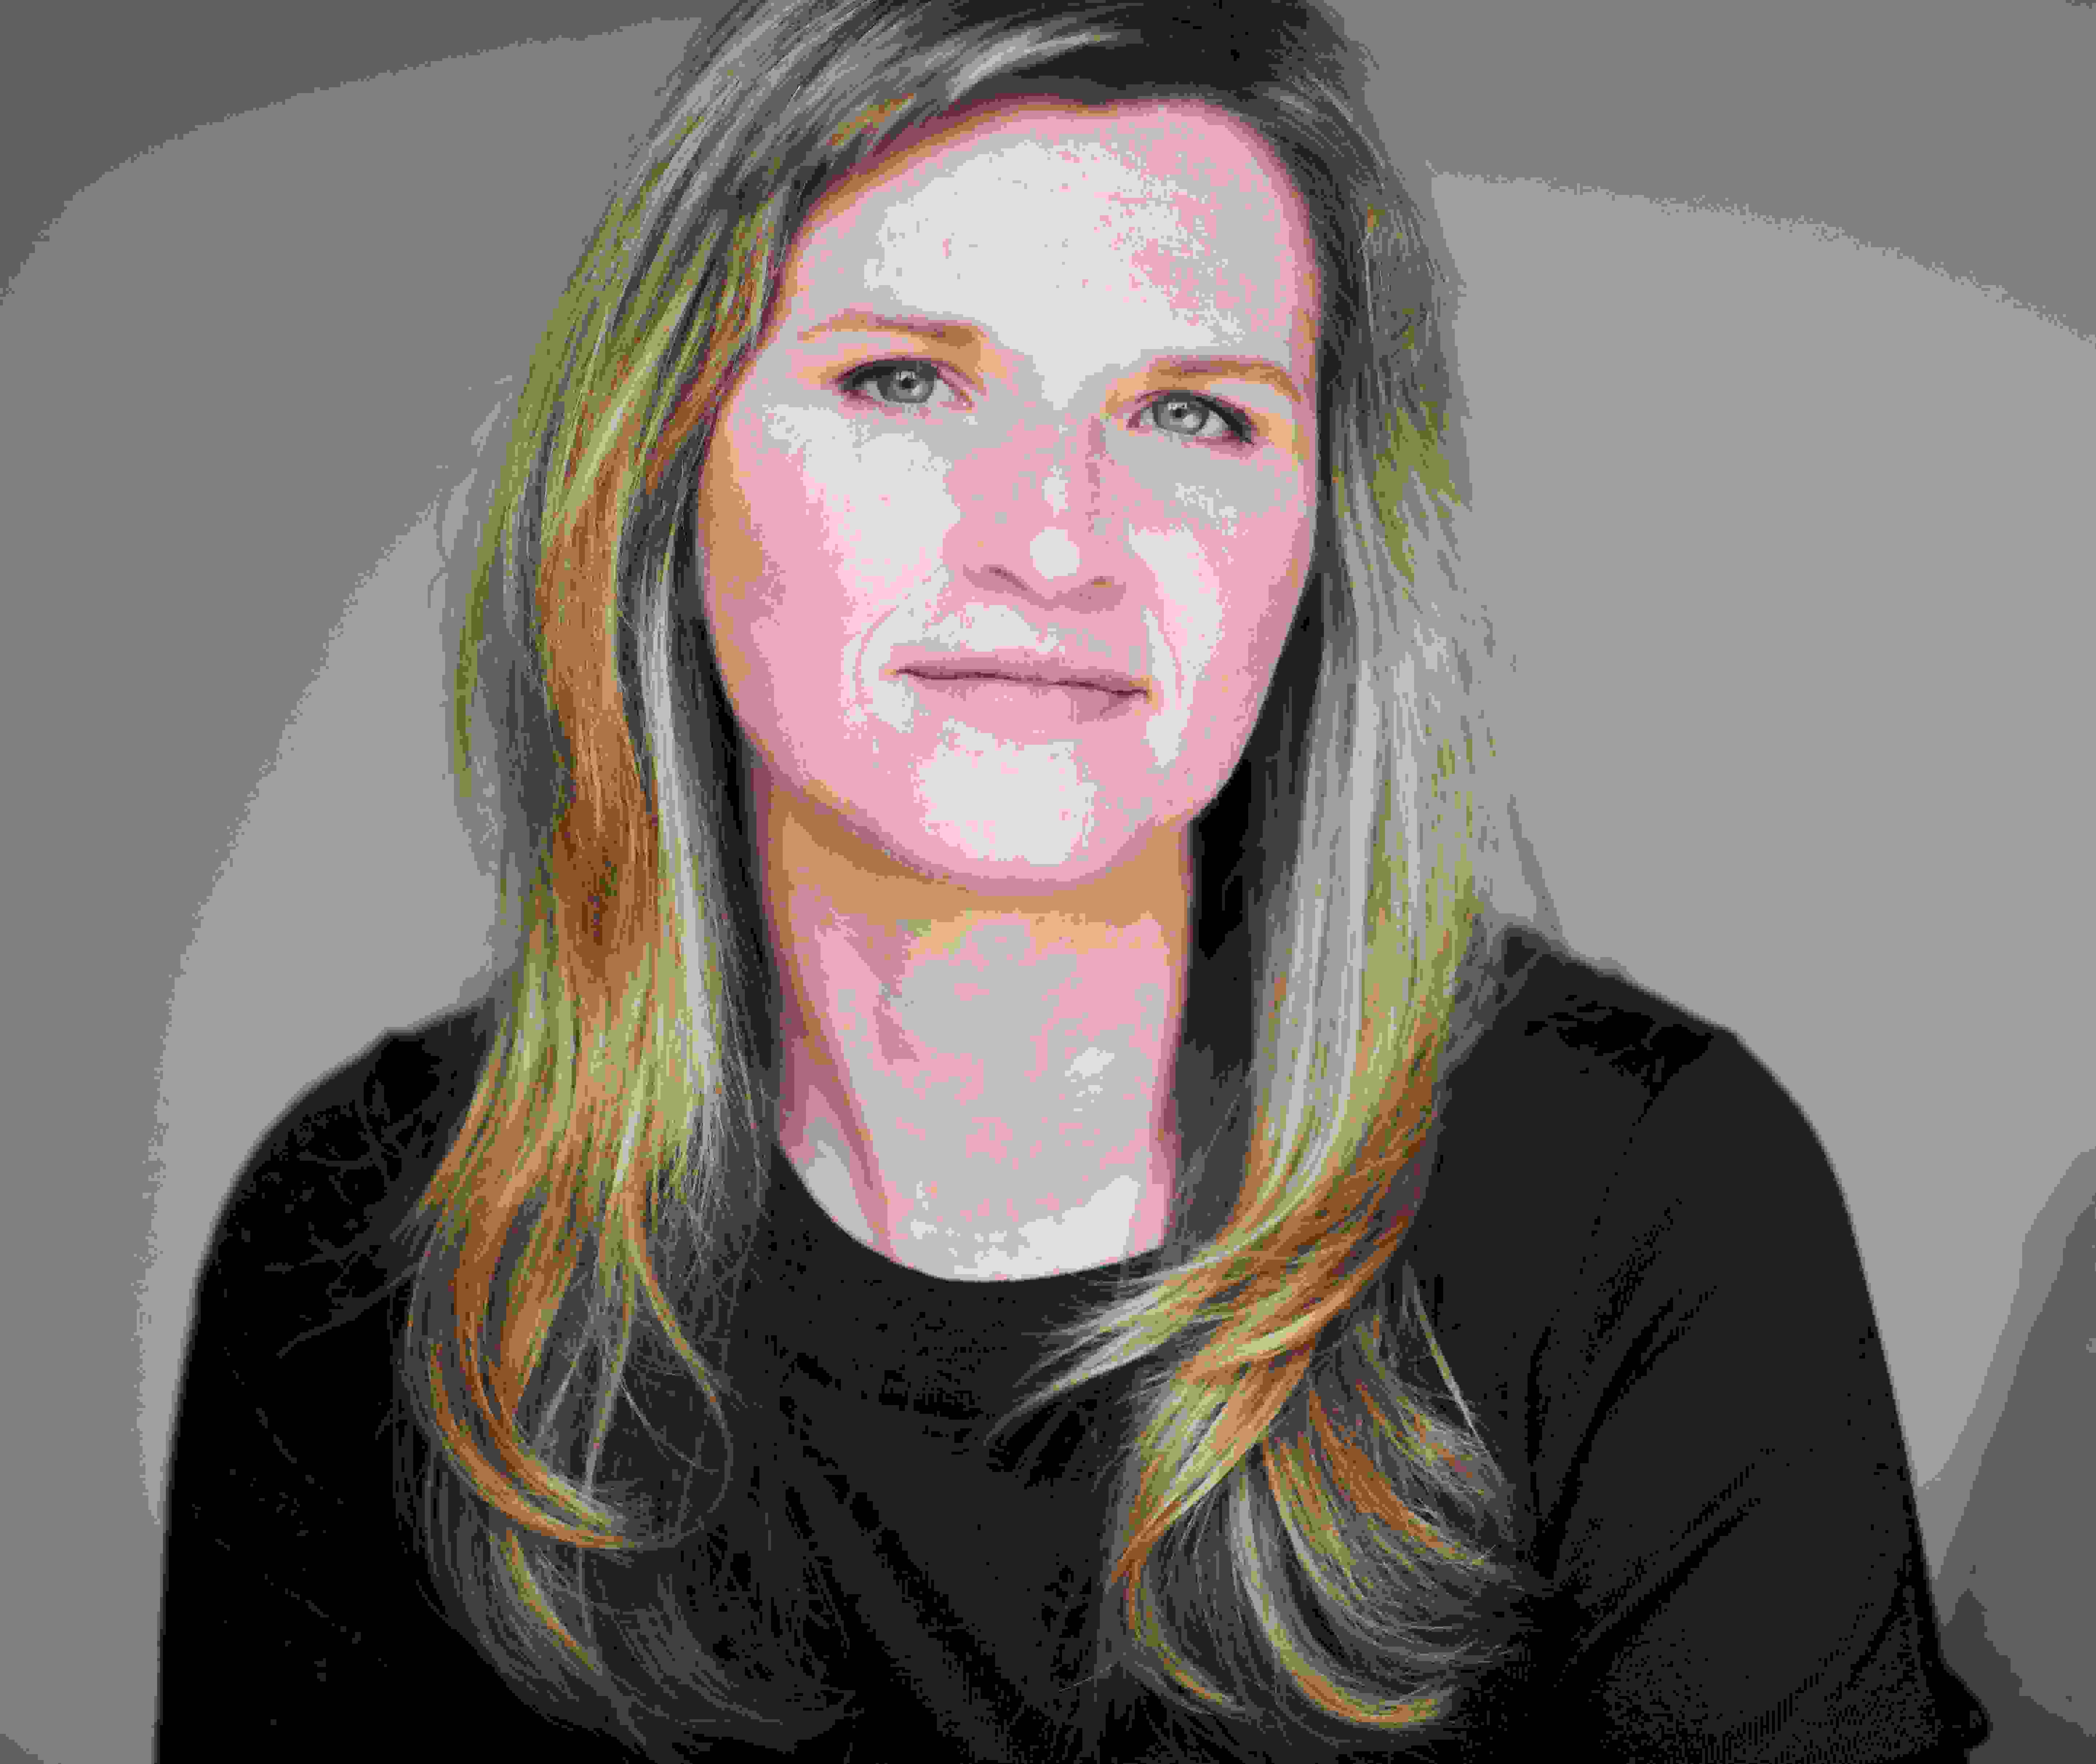 Tara Westover: Educated